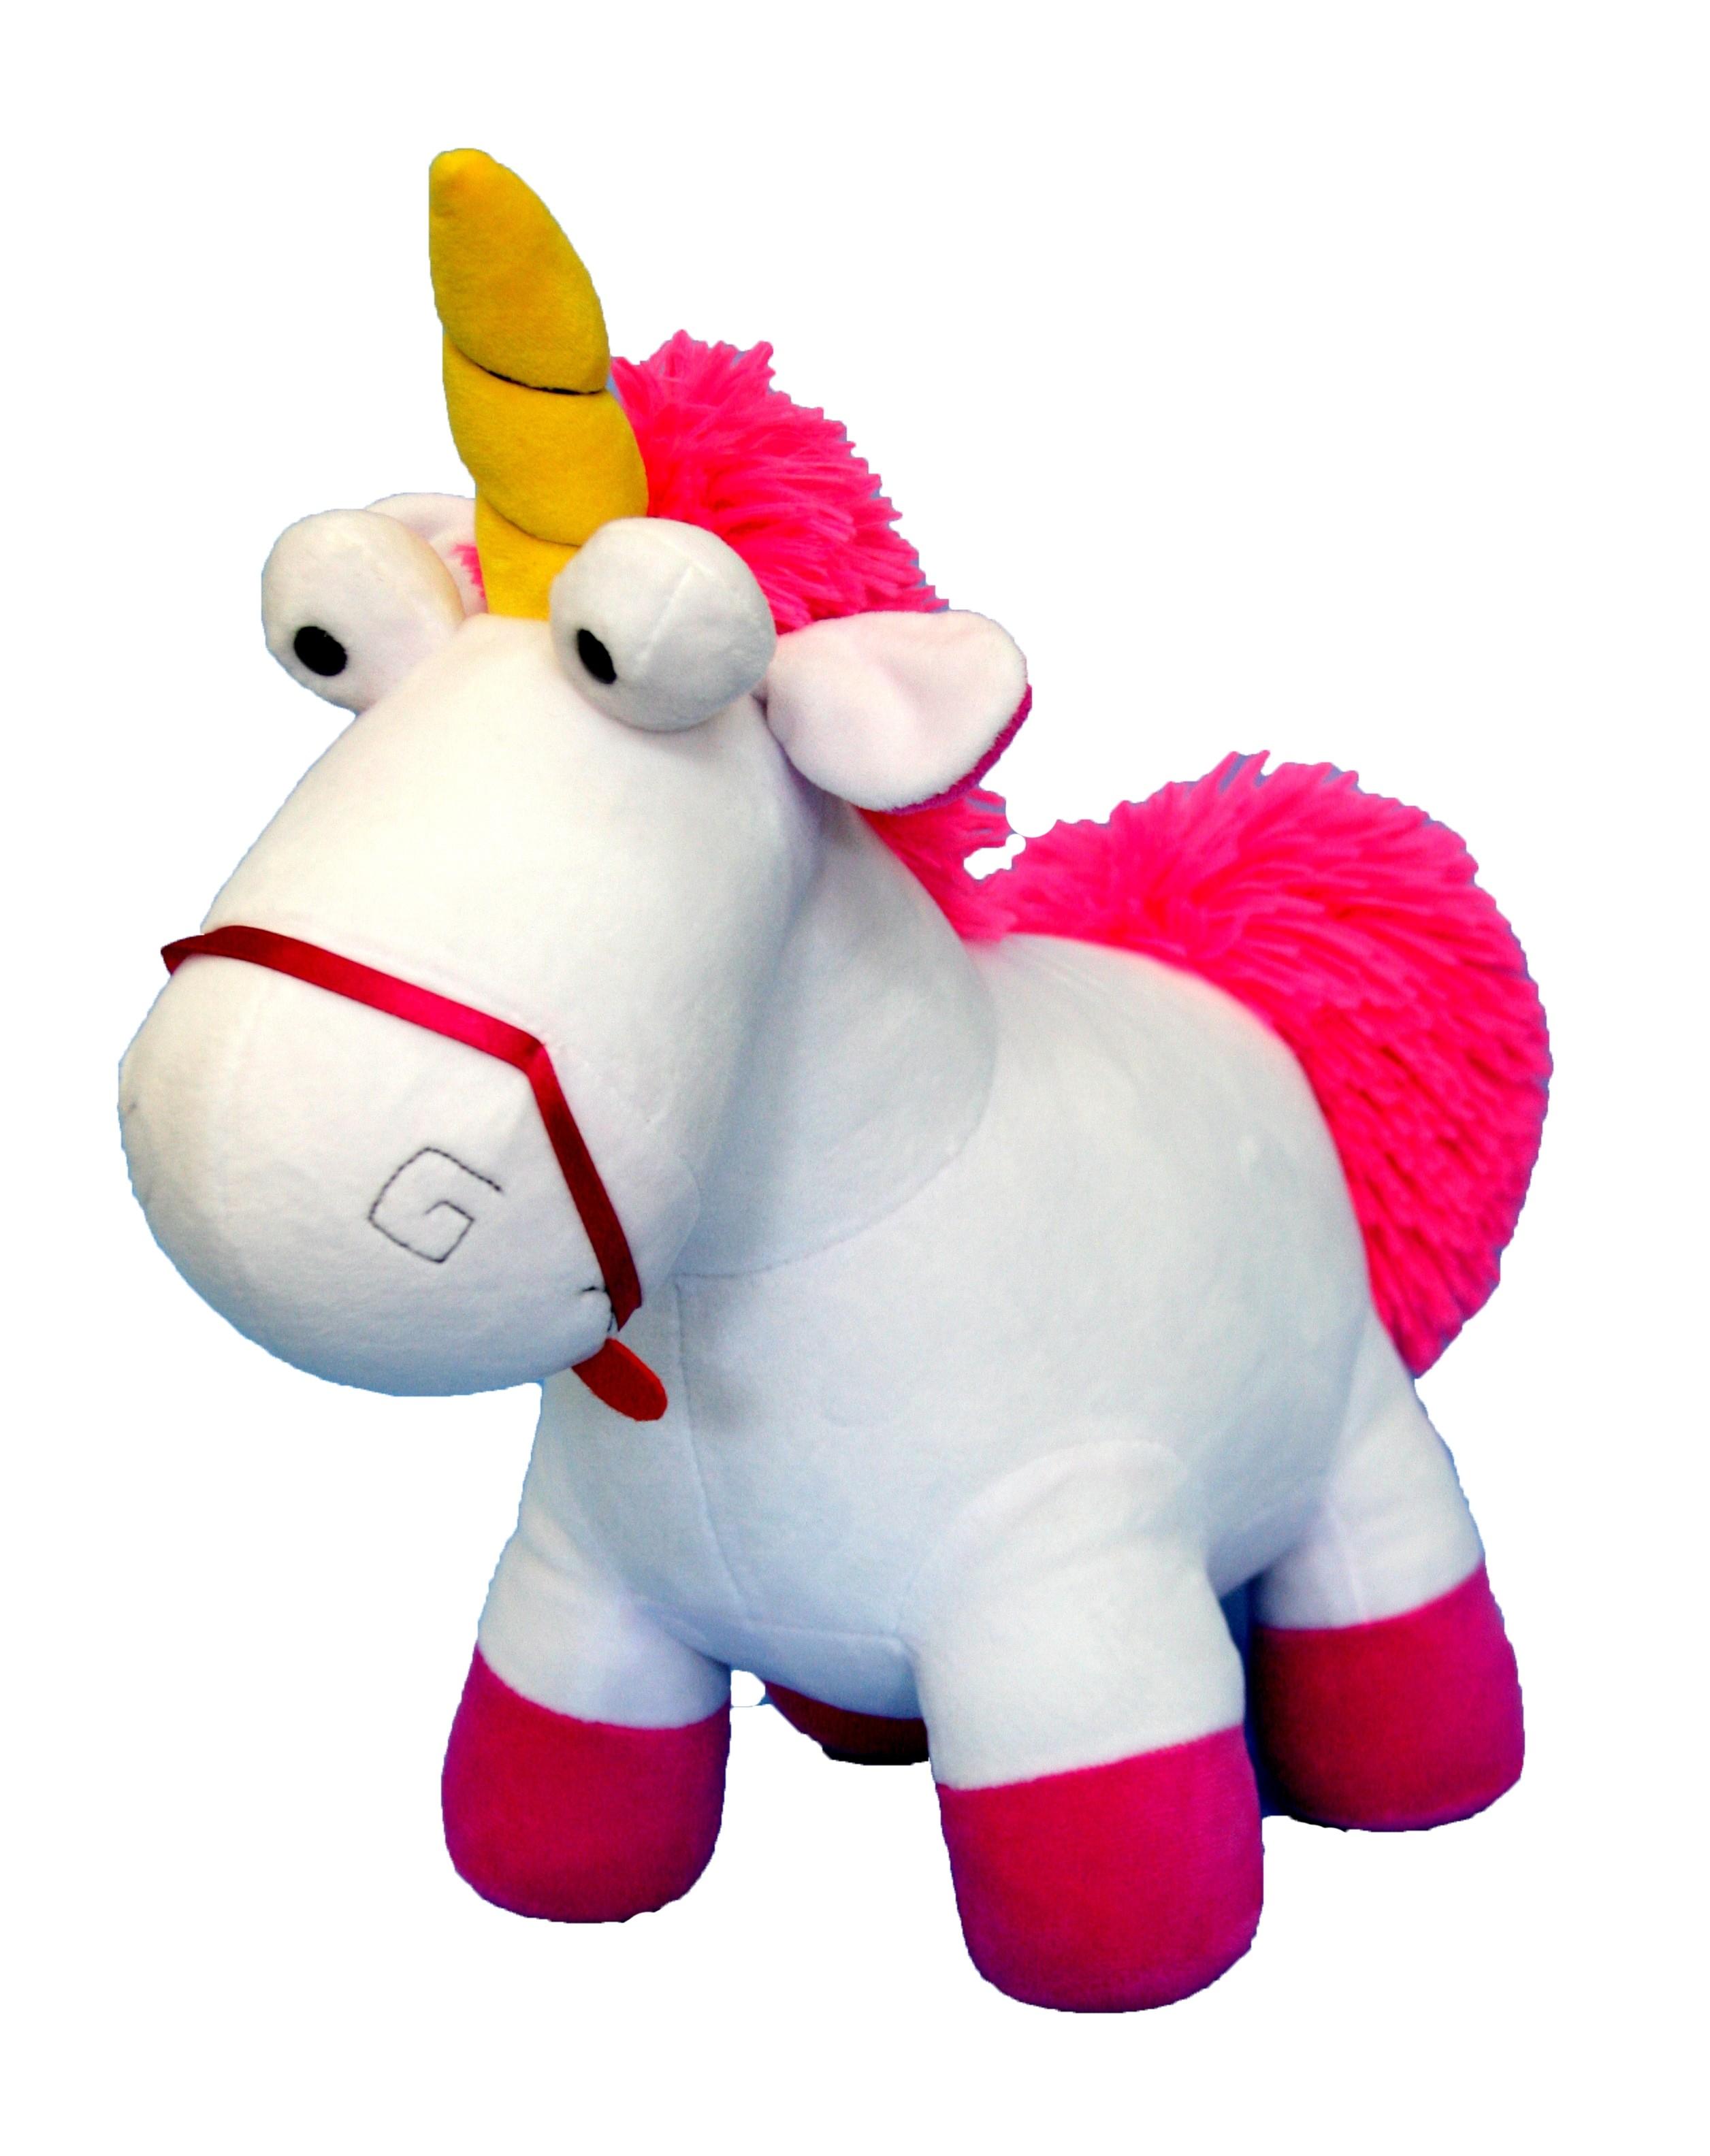 Мягкие игрушки СмолТойс Единорог 42 см мягкая игрушка смолтойс зайка даша 53 см